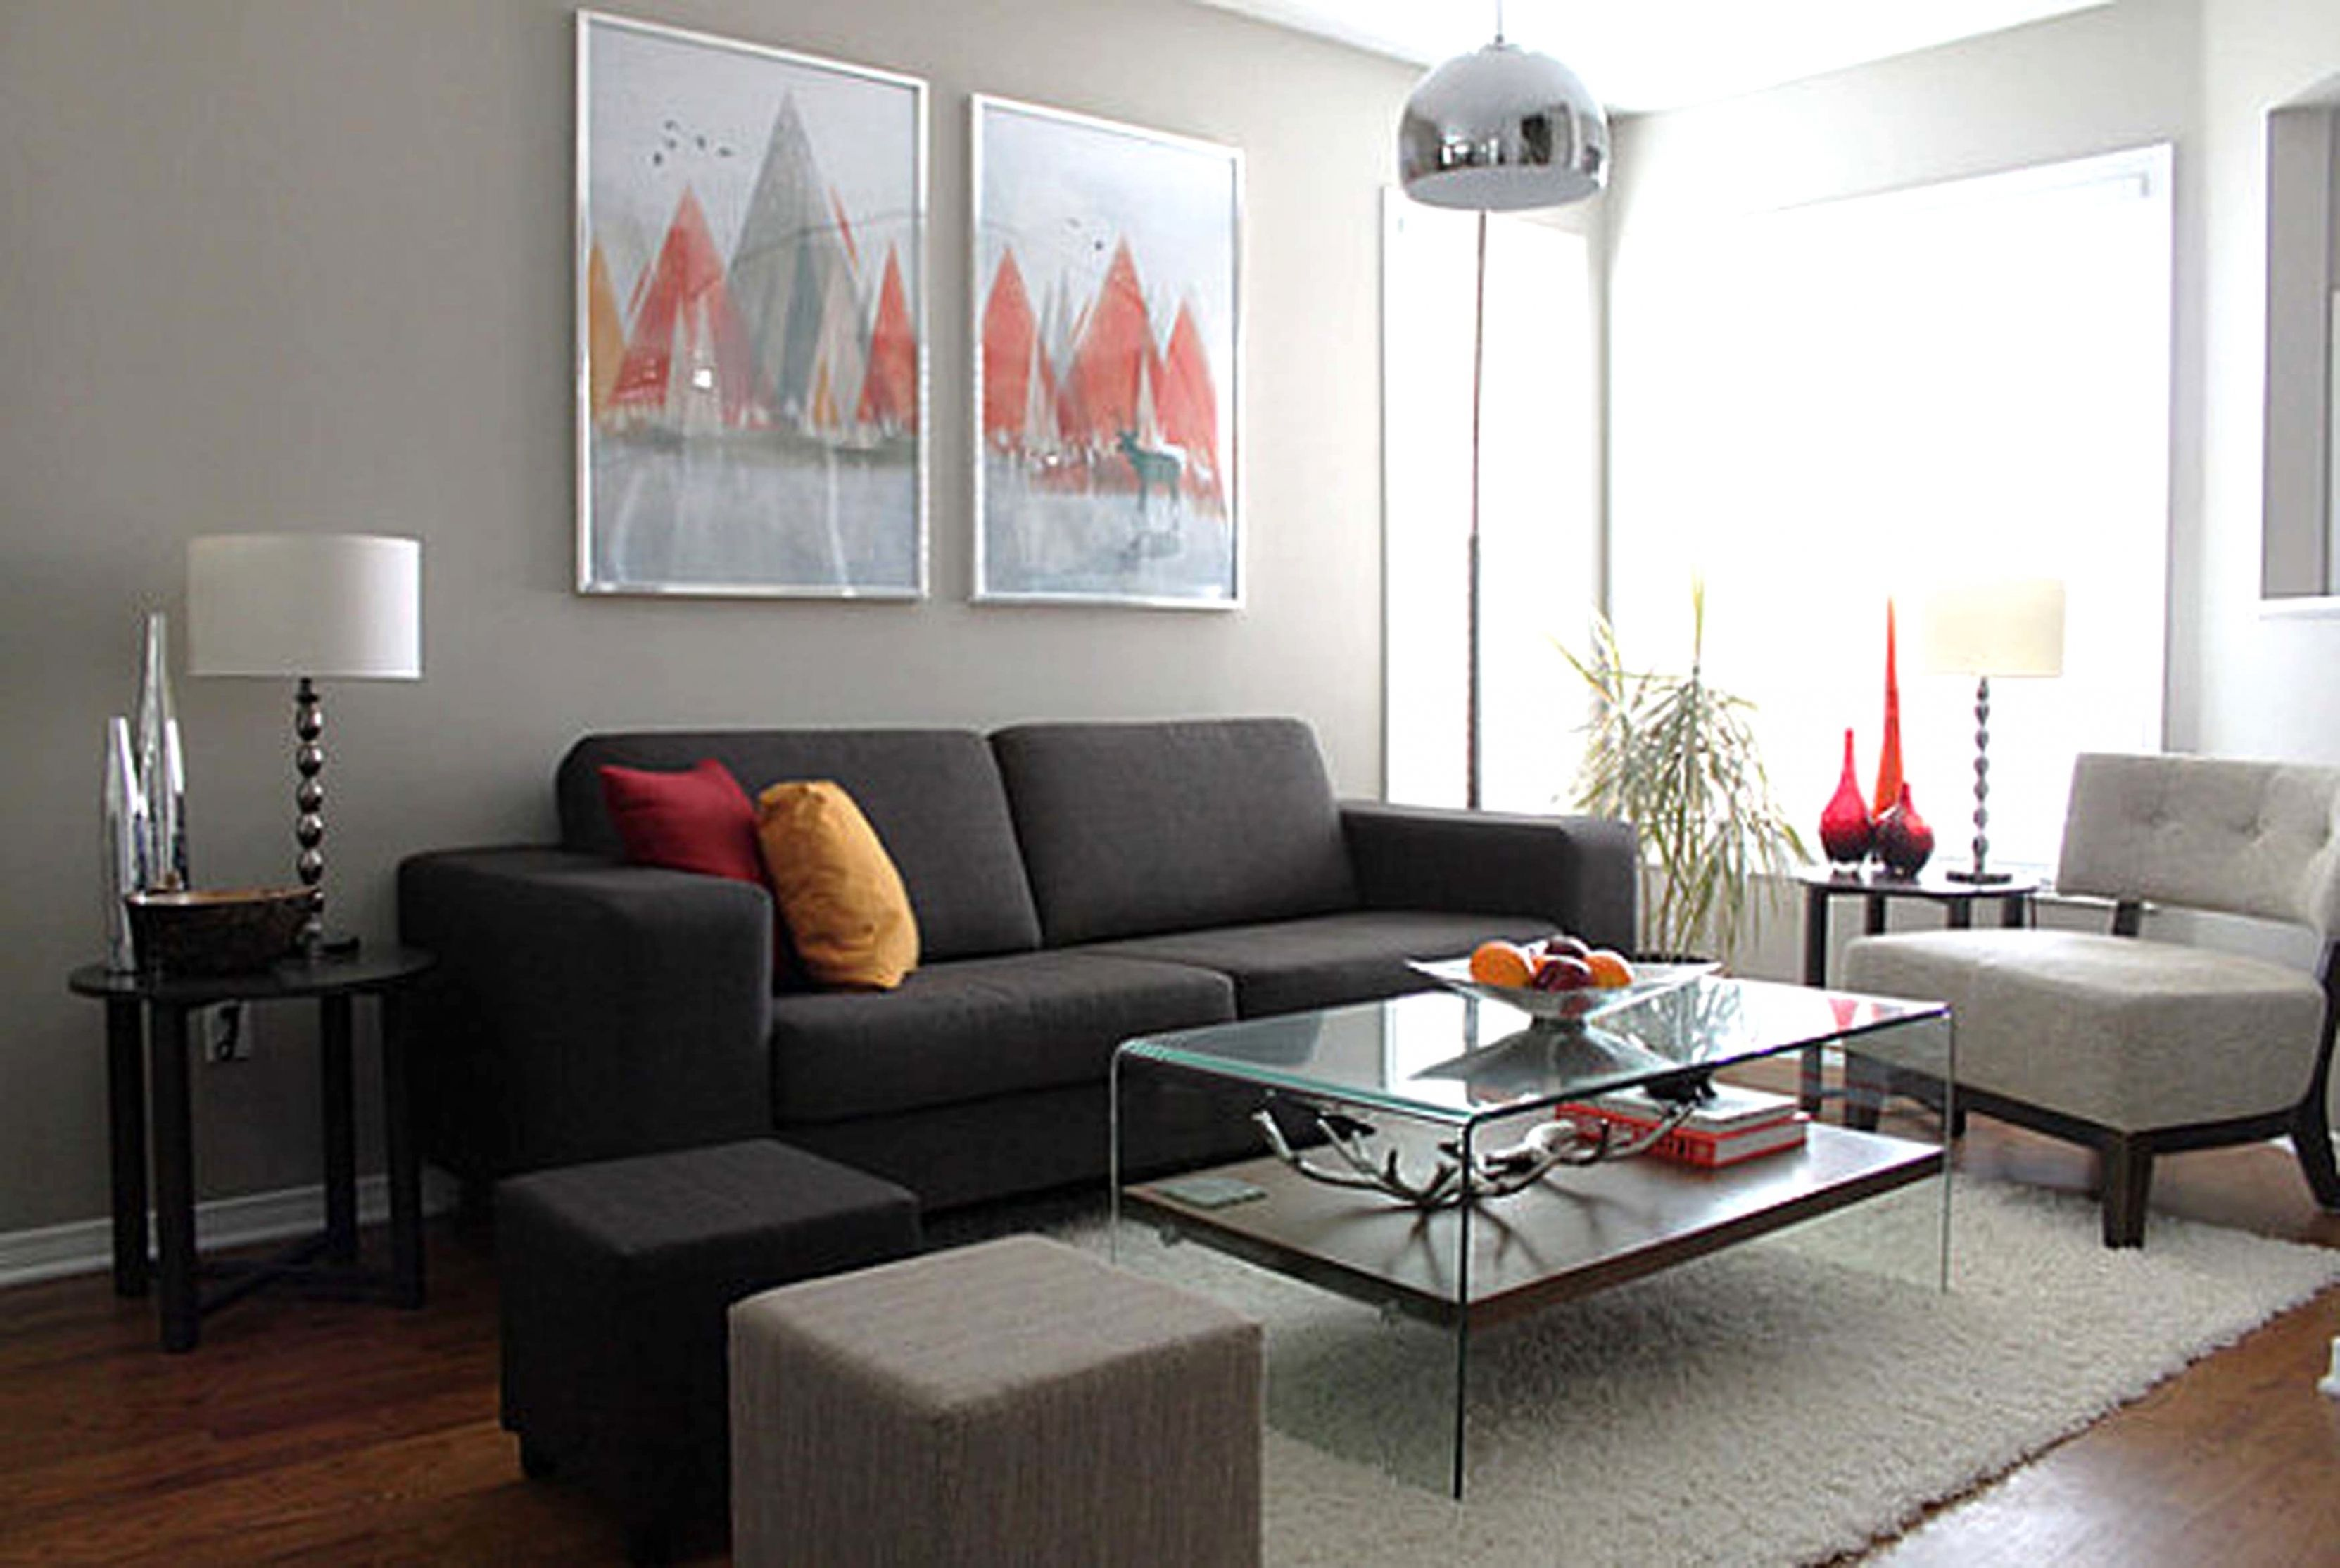 Neu Wohnzimmer Couch Ideen | Wohnzimmer couch | Pinterest ...